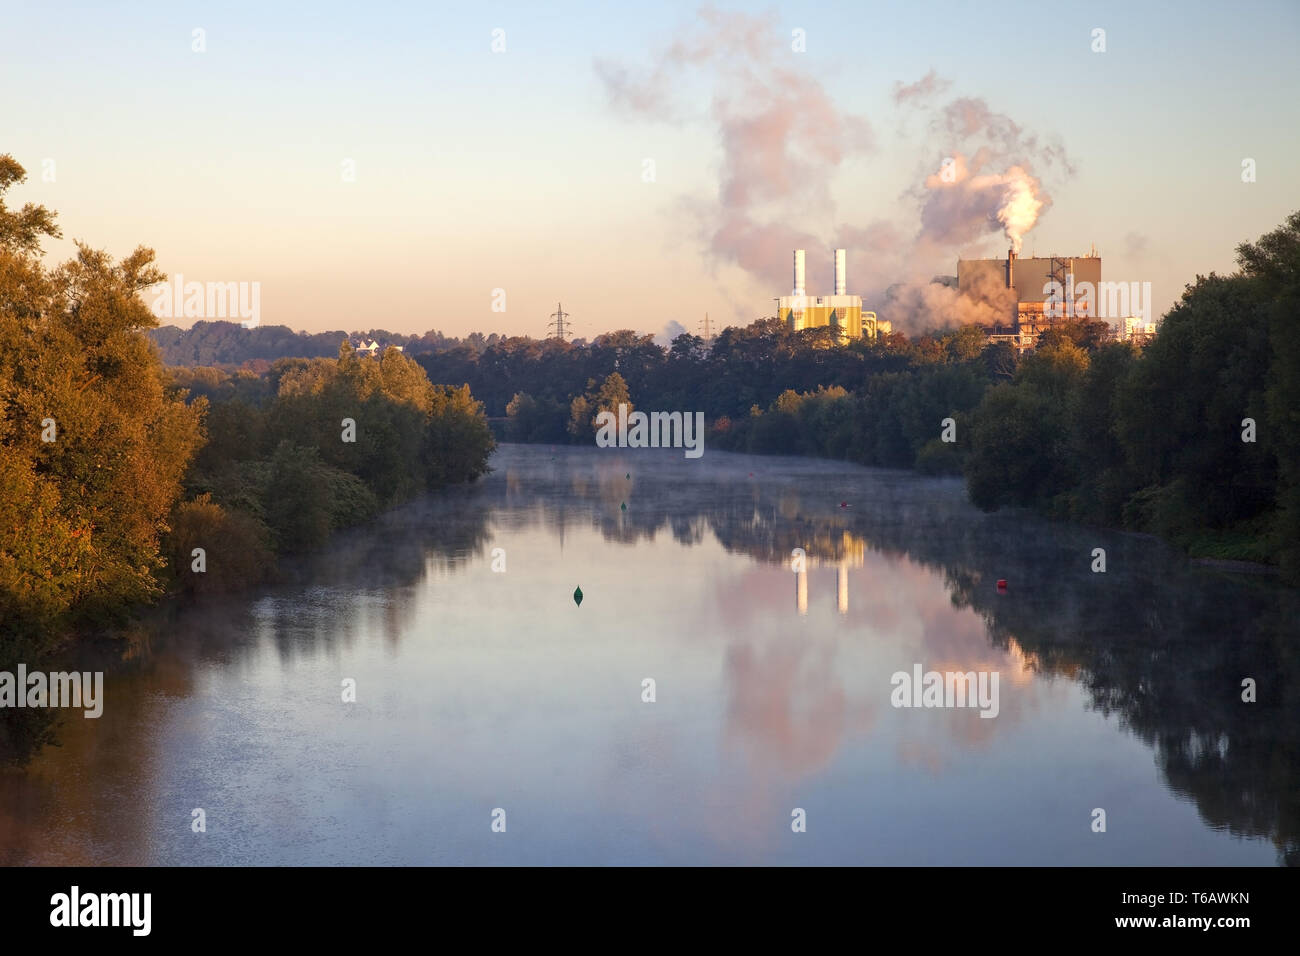 Molino de acero inoxidable y el río Ruhr temprano en la mañana, Witten, Renania del Norte-Westfalia, Alemania Imagen De Stock